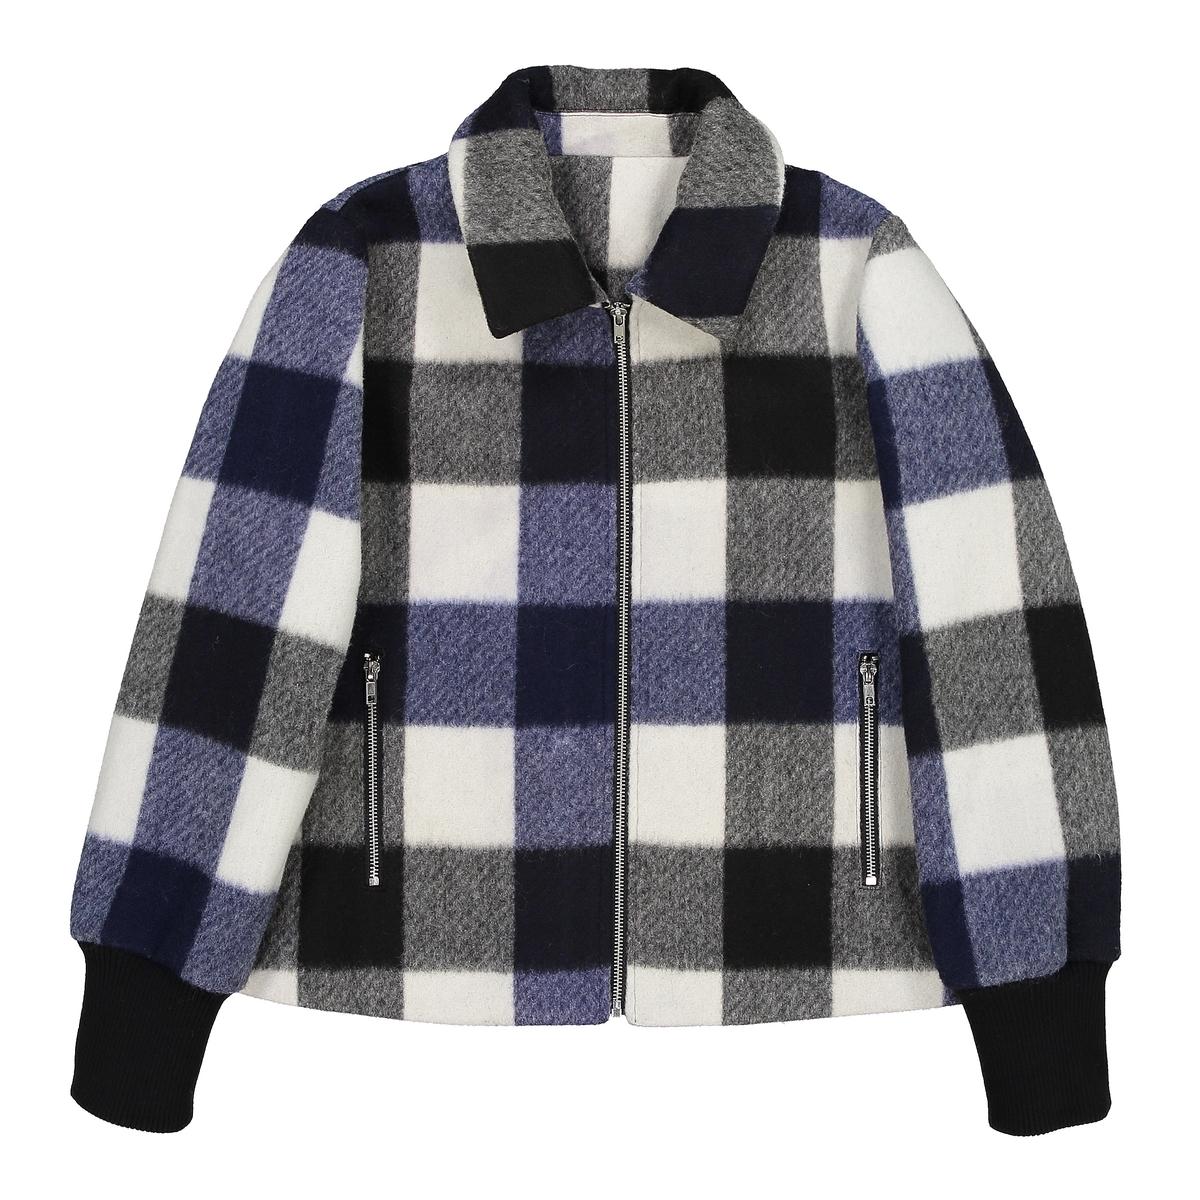 ПальтоОписание:Пальто в очень модном британском стиле, в клетку, в котором вы не замерзнете и будете выглядеть очень модно .Детали •  Длина : укороченная   •  Воротник-поло, рубашечный  •  Рисунок в клетку •  Застежка на молниюСостав и уход •  20% шерсти, 80% полиэстера •  Подкладка : 100% полиэстер • Не стирать •  Не гладить / не отбеливать   •  Не использовать барабанную сушку   •  Деликатная сухая чистка •  Длина : 60 см<br><br>Цвет: морские квадраты / черная / слоновая кость<br>Размер: 48 (FR) - 54 (RUS).44 (FR) - 50 (RUS).42 (FR) - 48 (RUS)